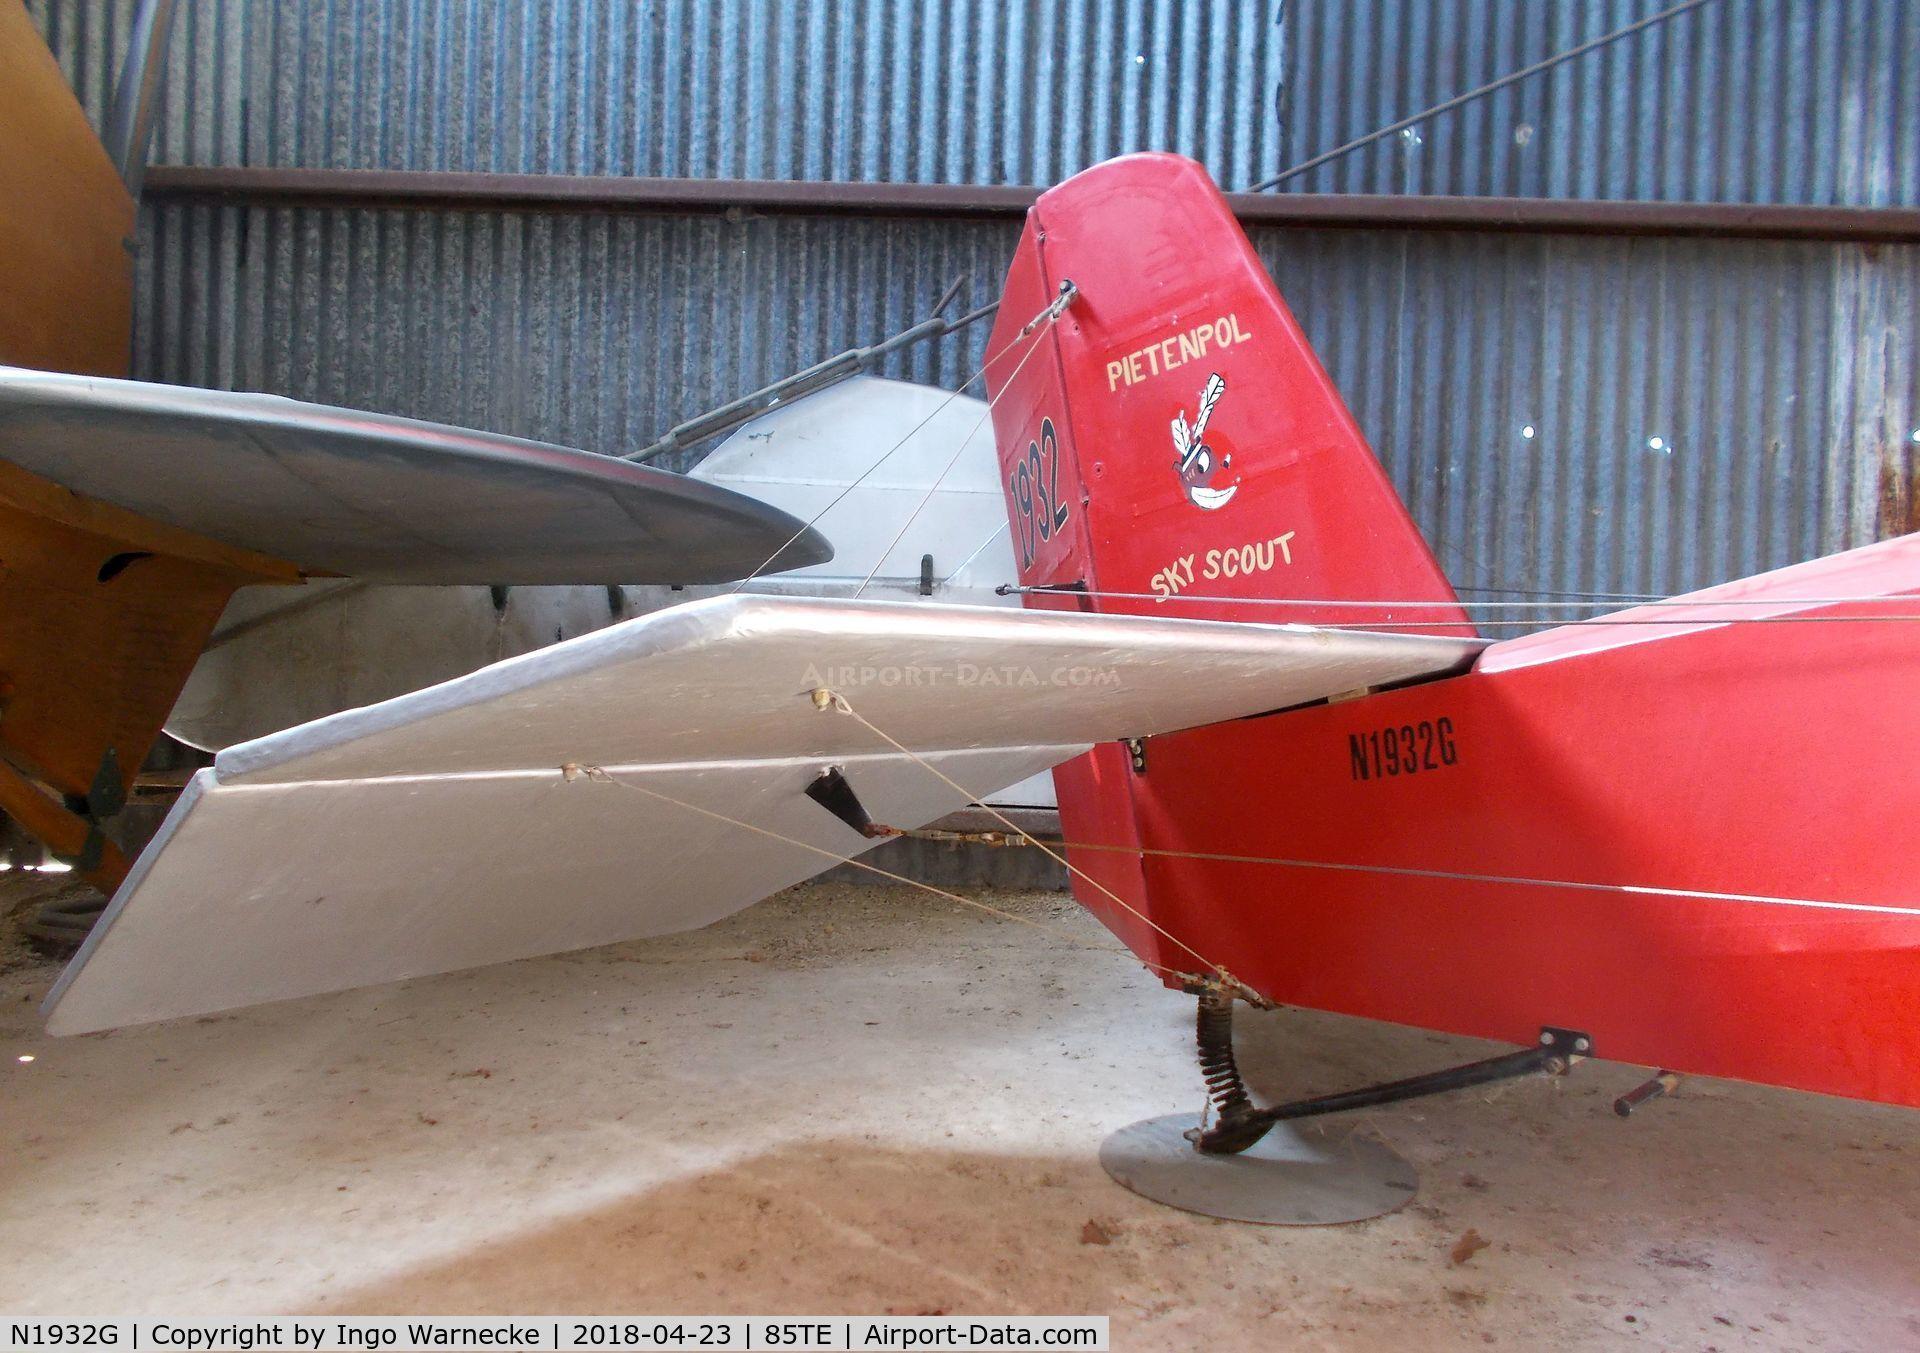 N1932G, Pietenpol Sky Scout C/N VA2, Pietenpol Sky Scout at the Pioneer Flight Museum, Kingsbury TX